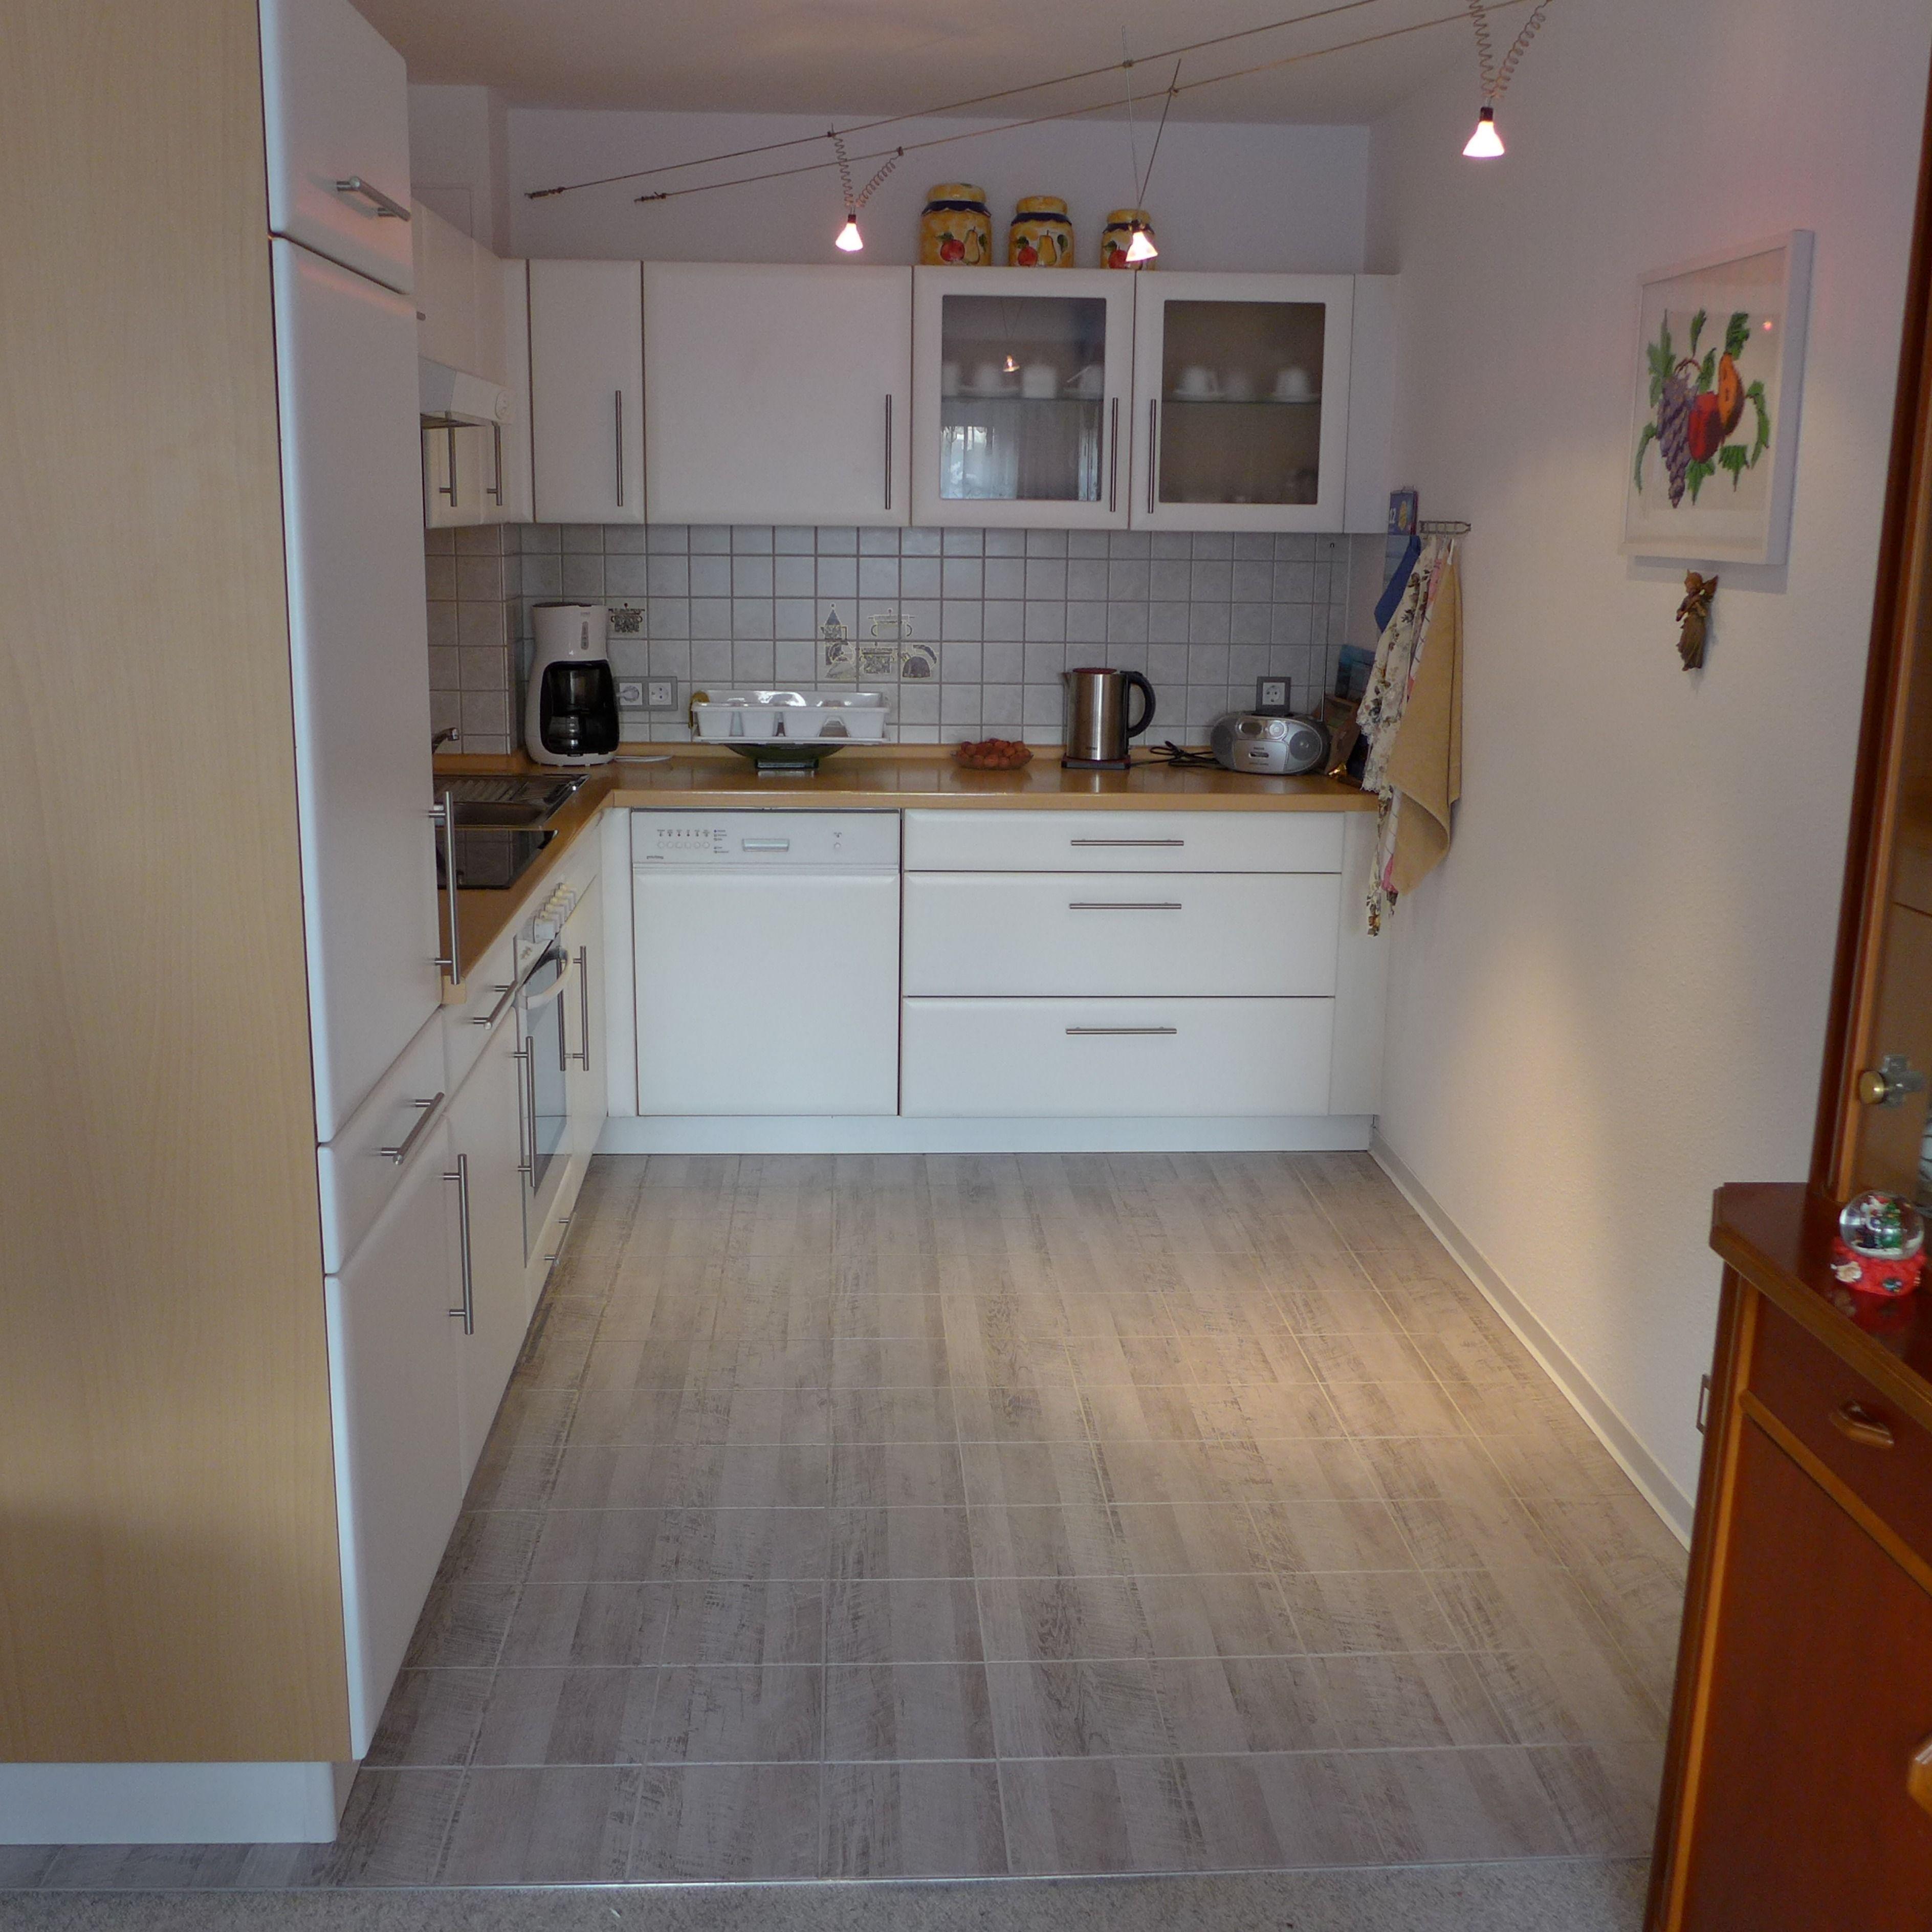 Fliesen Folieren Küchenboden Küche aufwerten